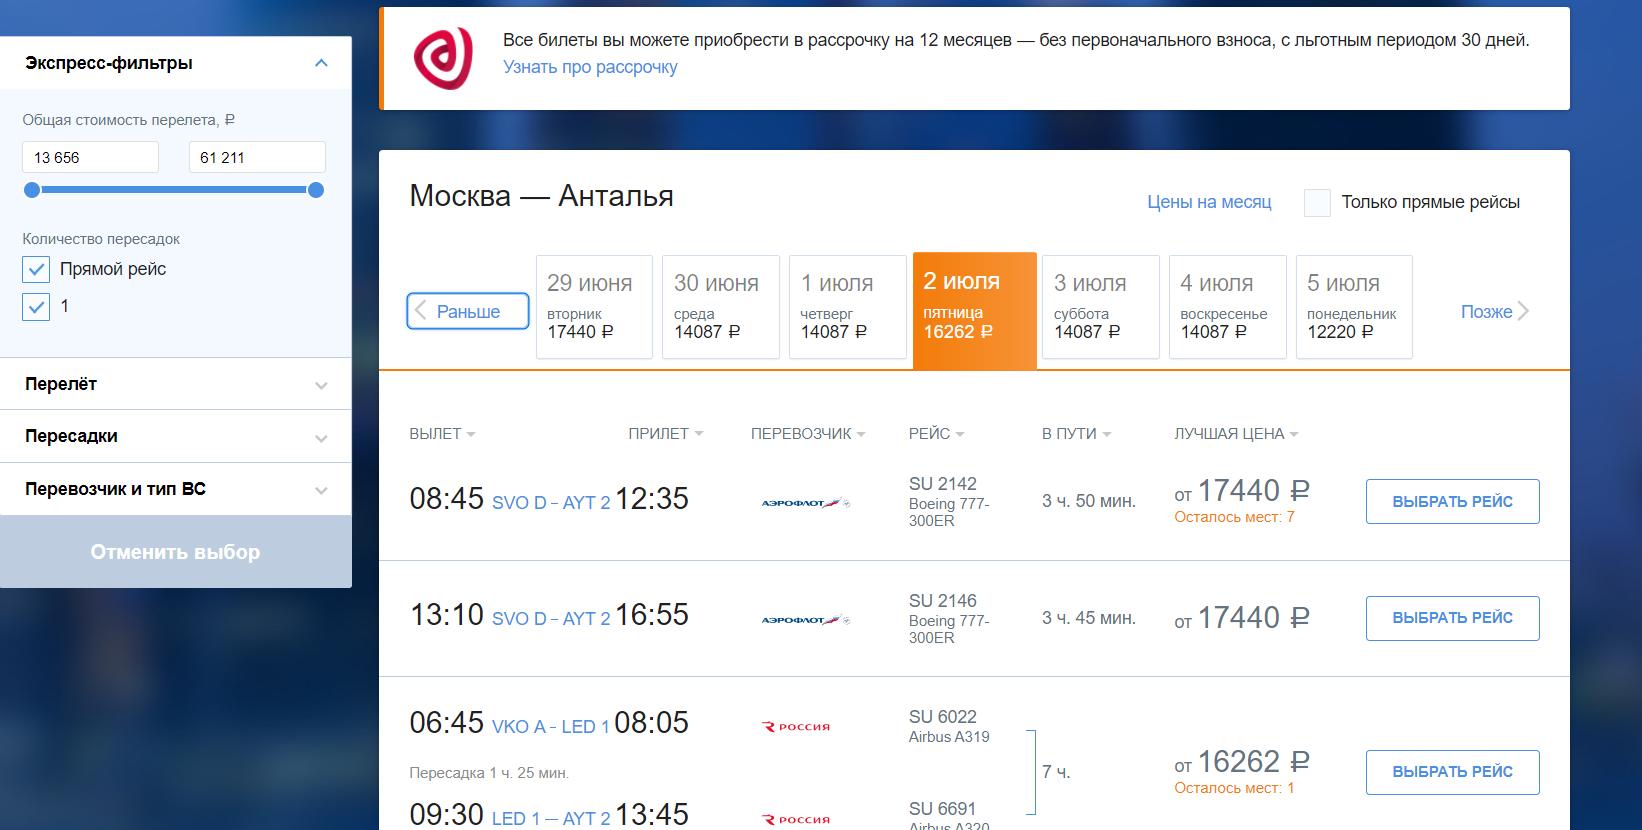 Рейсы в Турцию из России